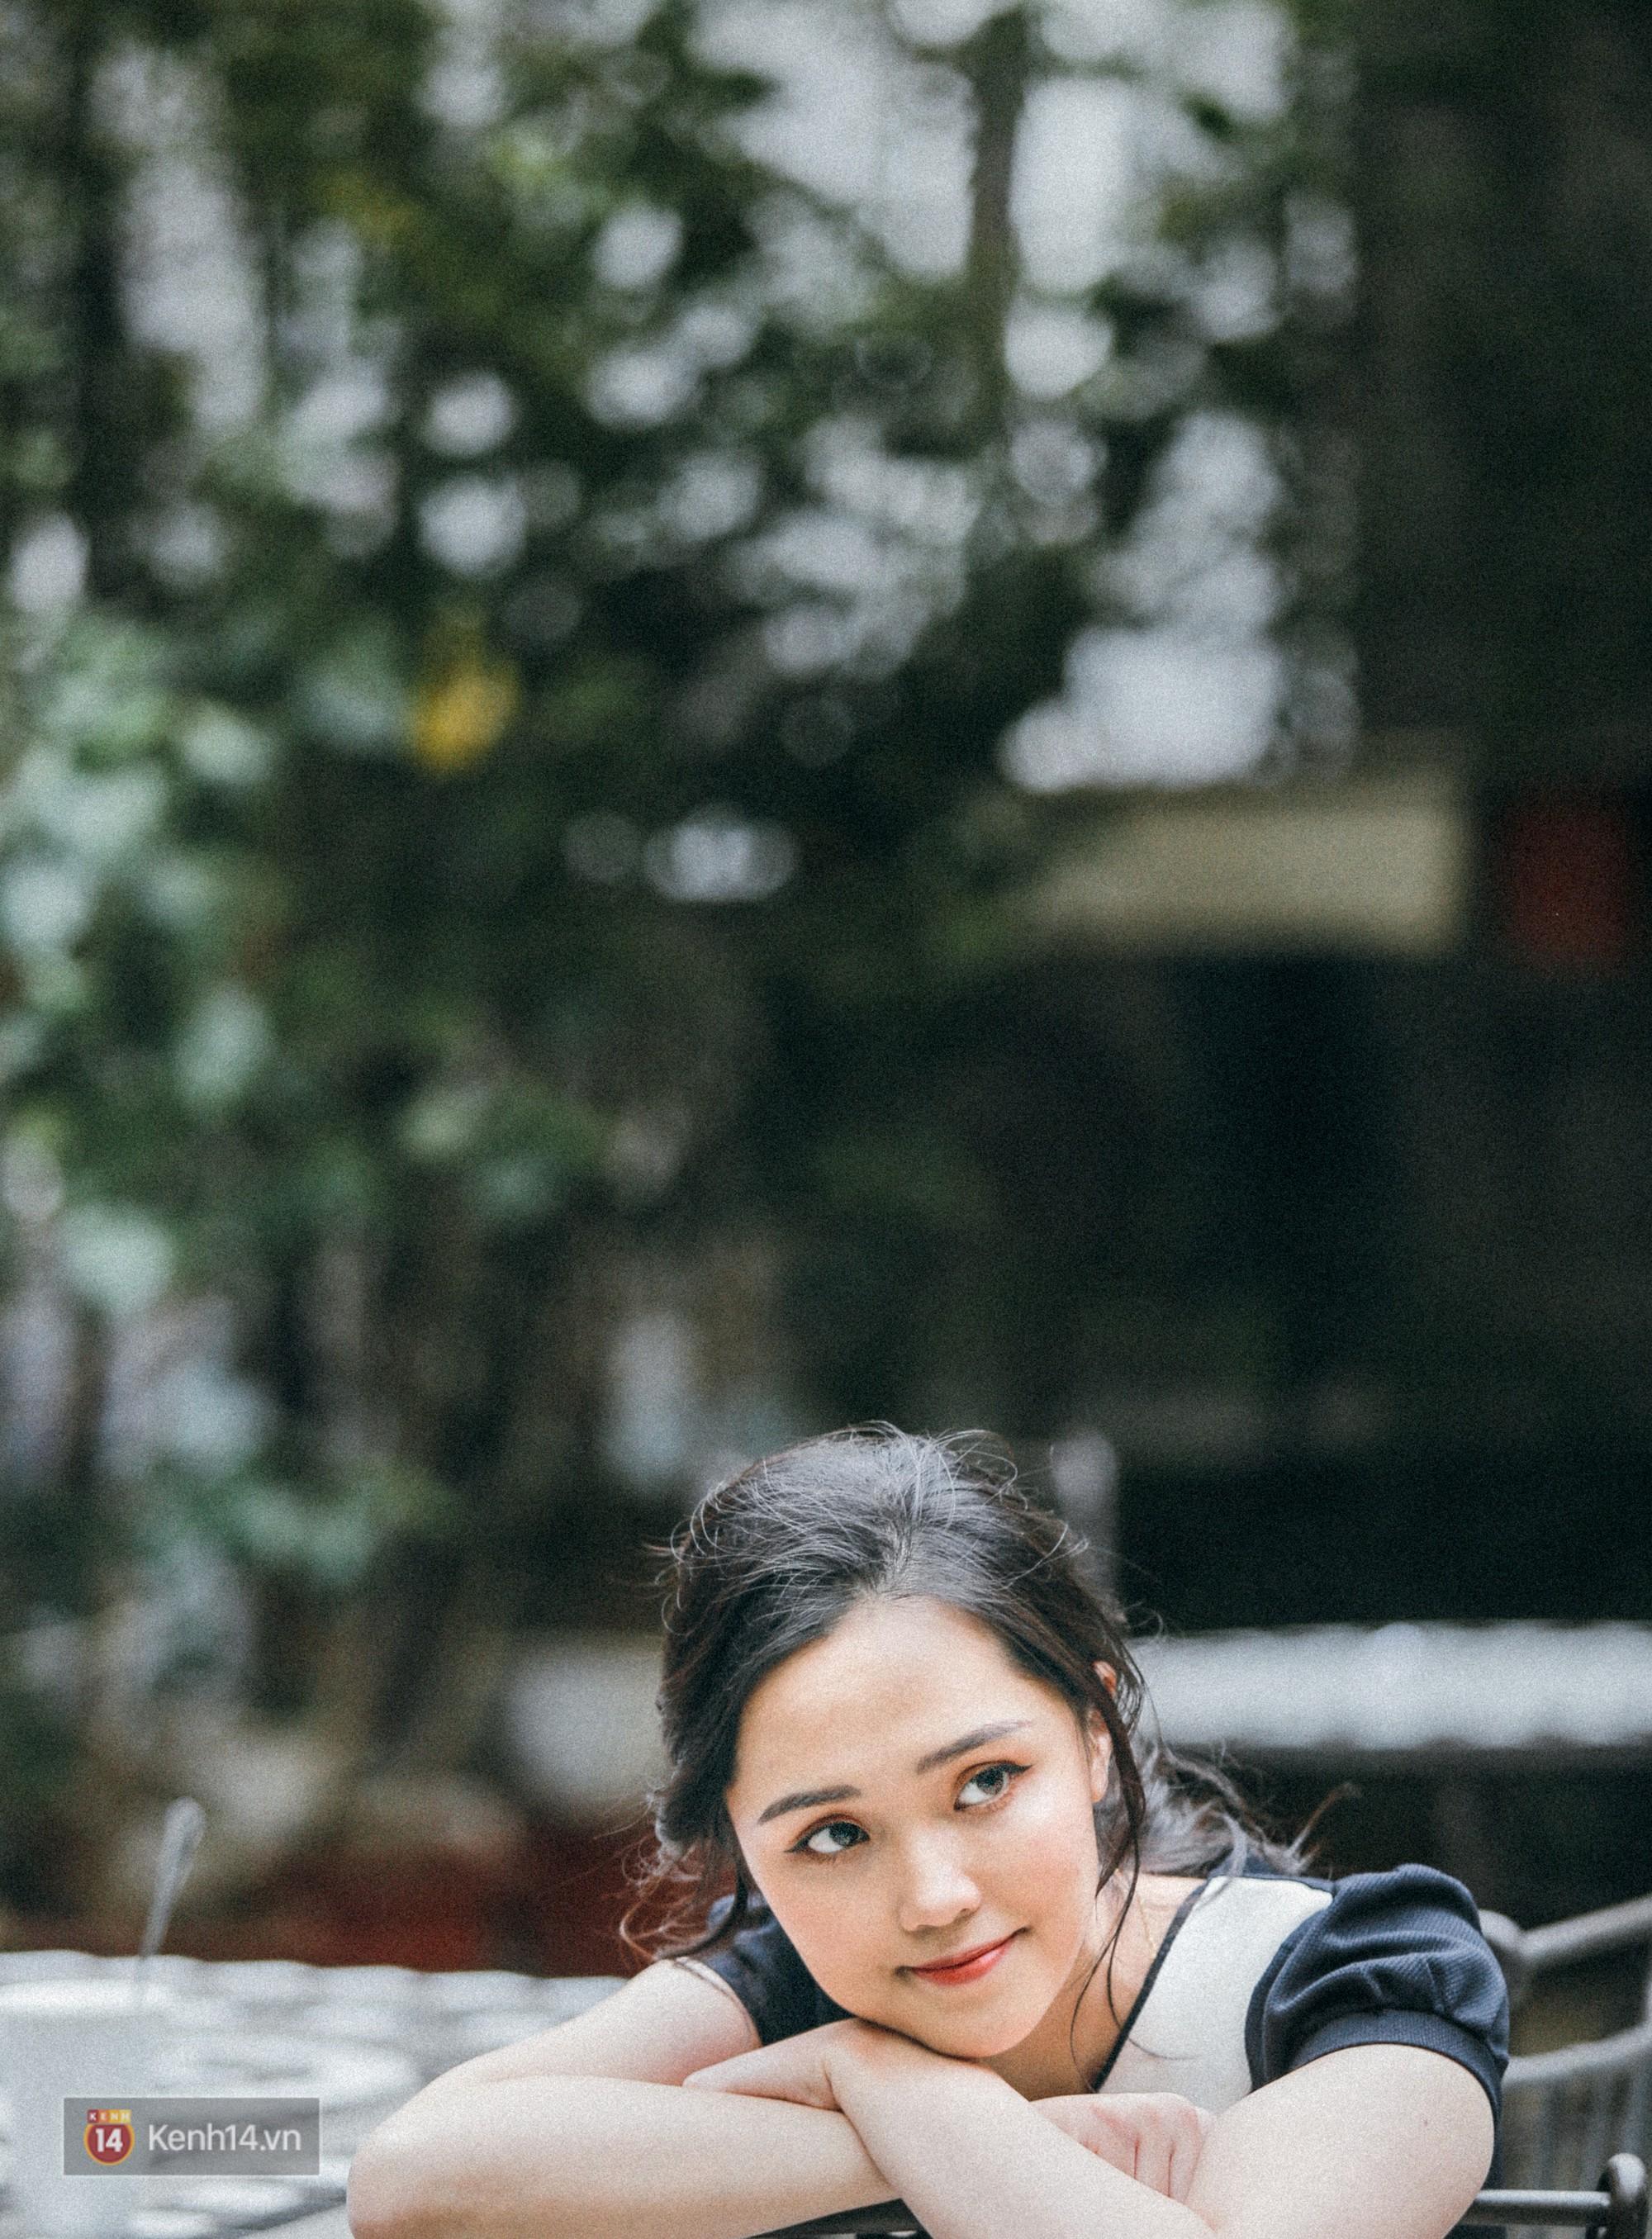 """Gặp cô bạn gái xinh xắn, """"lầy lội"""" của Duy Mạnh U23: Sáng tác cả truyện chế, ship người yêu với Đình Trọng, Tiến Dũng - Ảnh 8."""